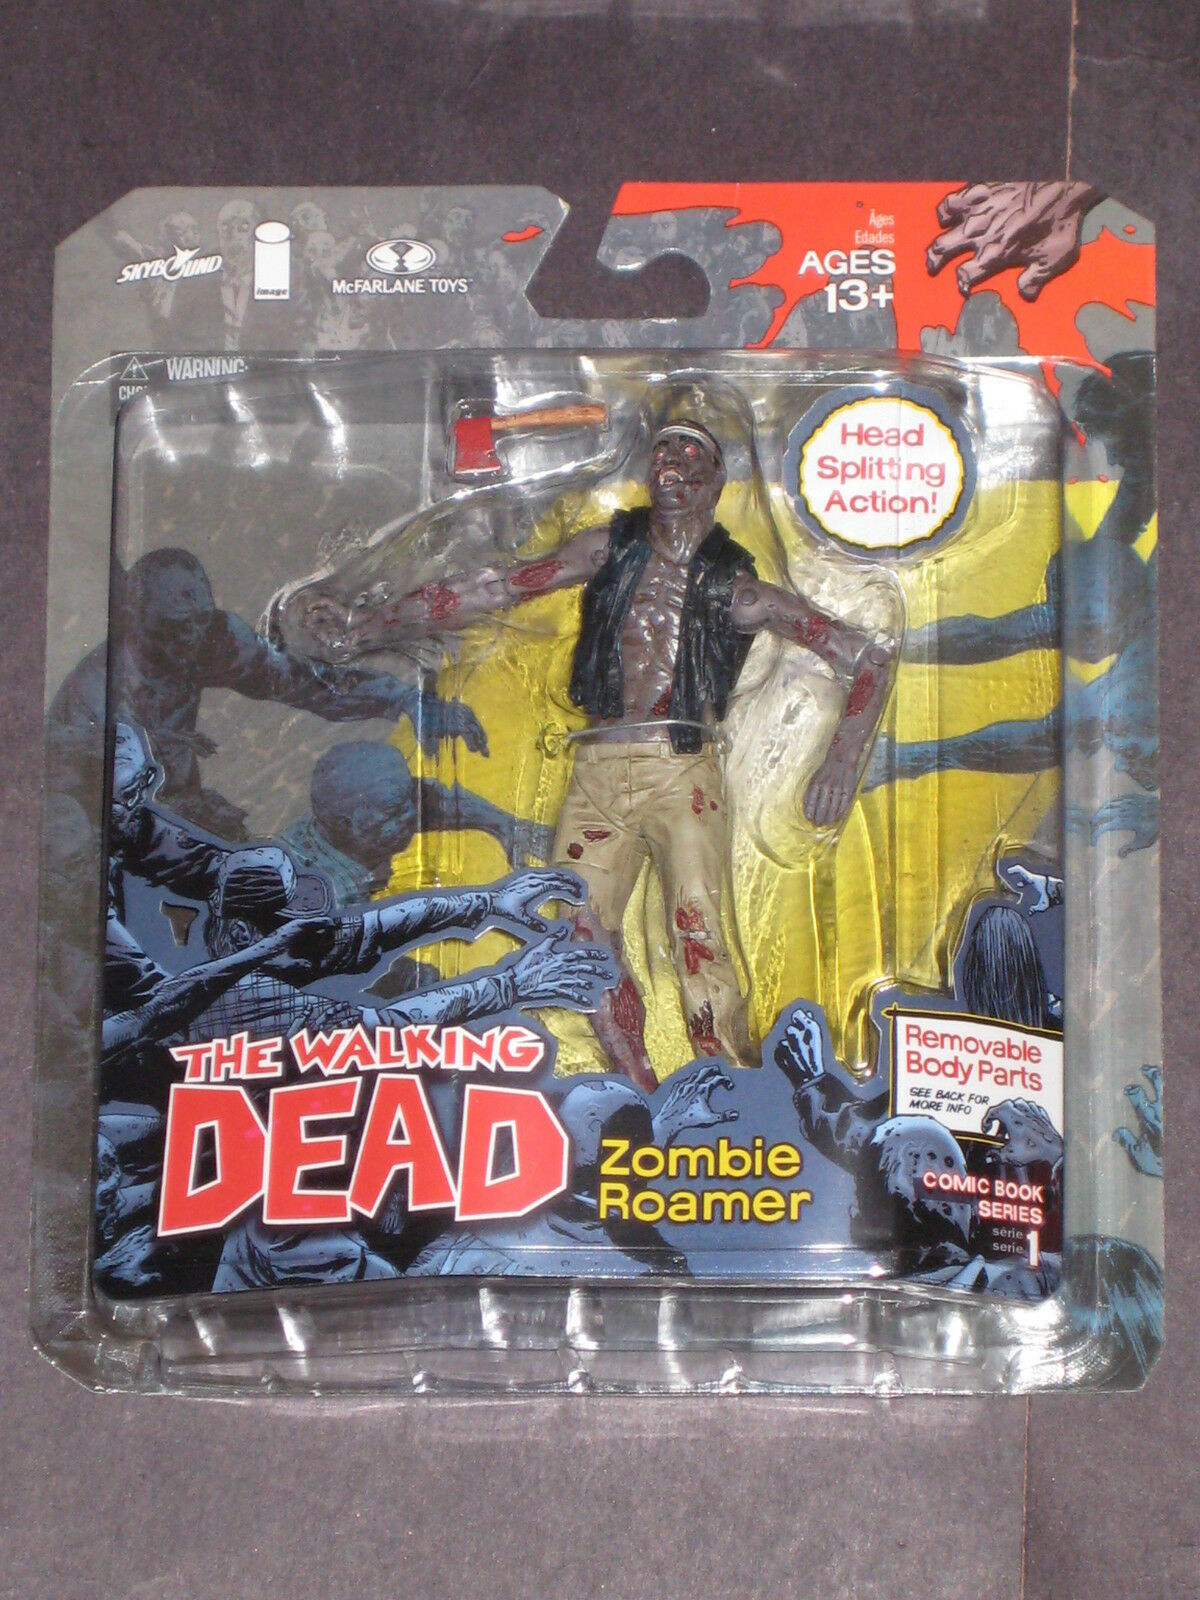 el estilo clásico The Walking Dead Serie 1 figura ZOMBIE ROAMER cómic imagen imagen imagen Kirkman MCFARLANE AMC  comprar descuentos